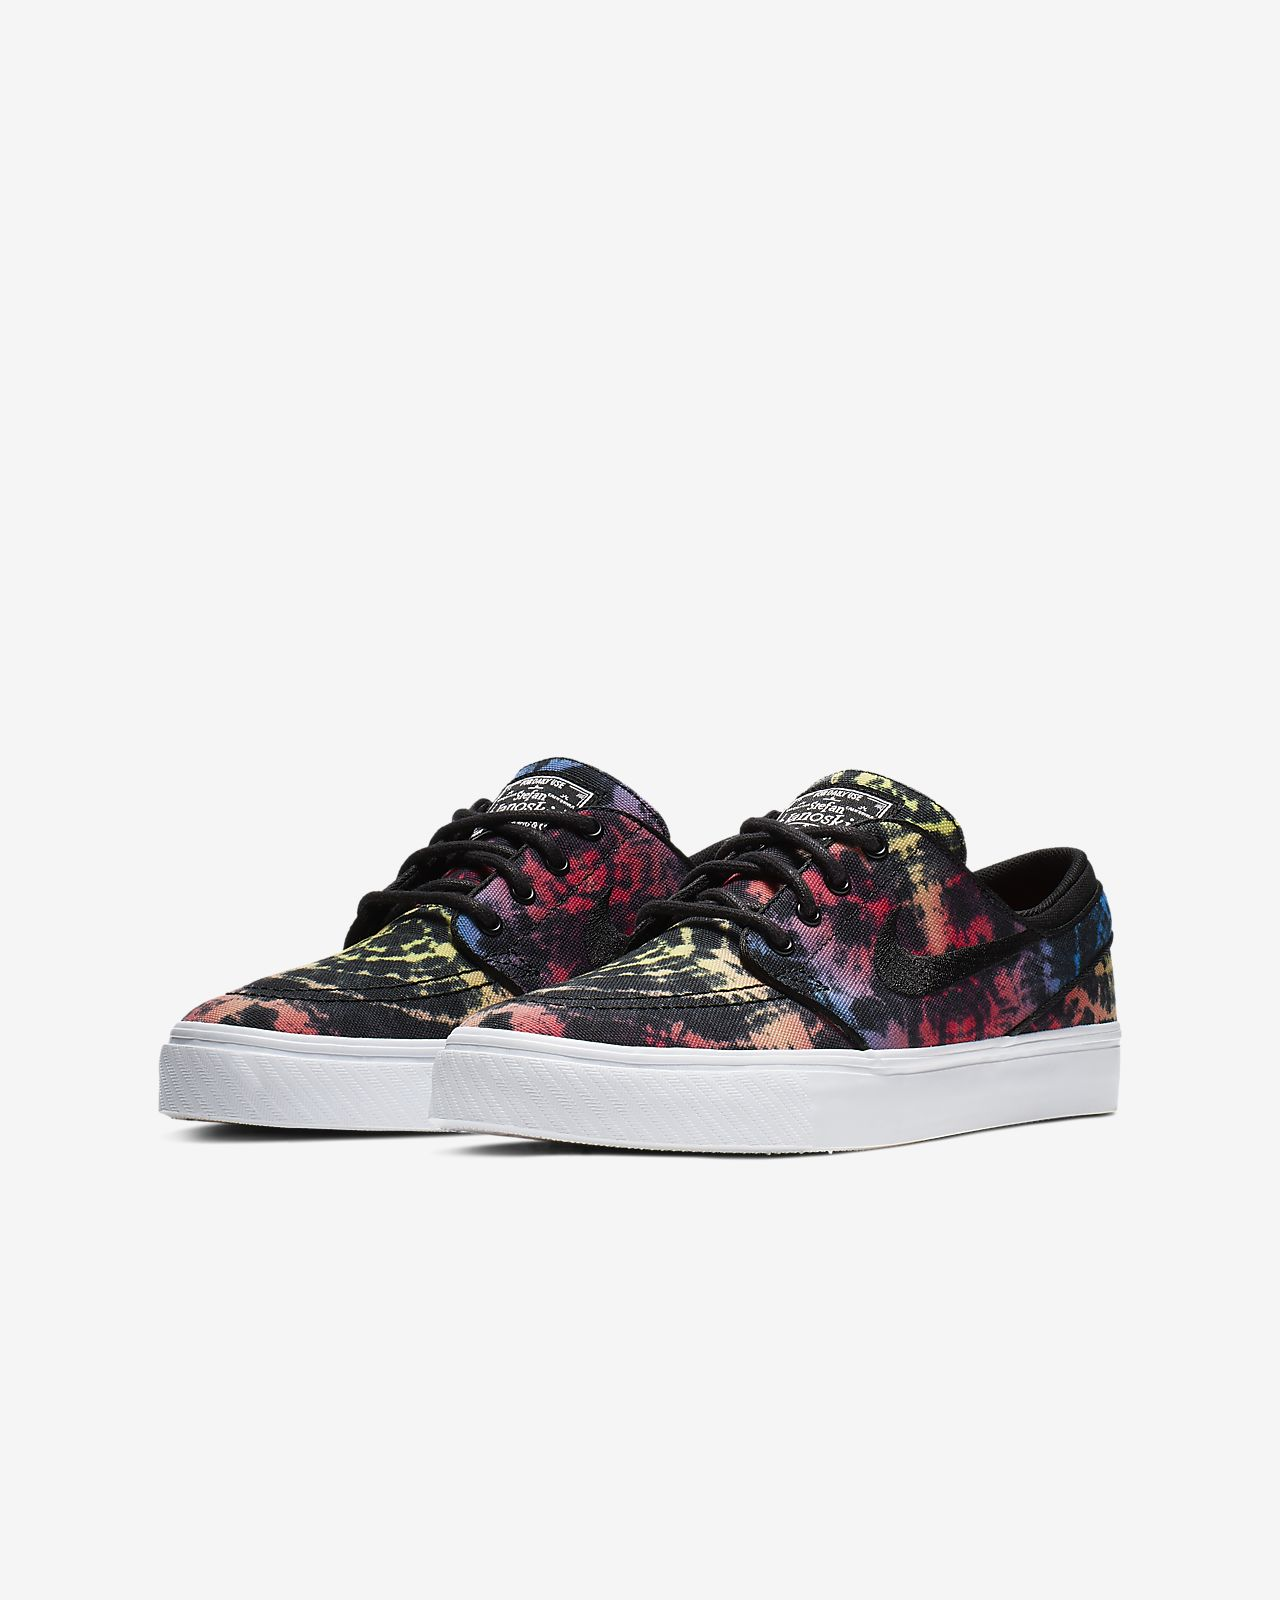 best service e86a0 01e3f ... Nike SB Stefan Janoski Tie-Dye Older Kids  Skate Shoe